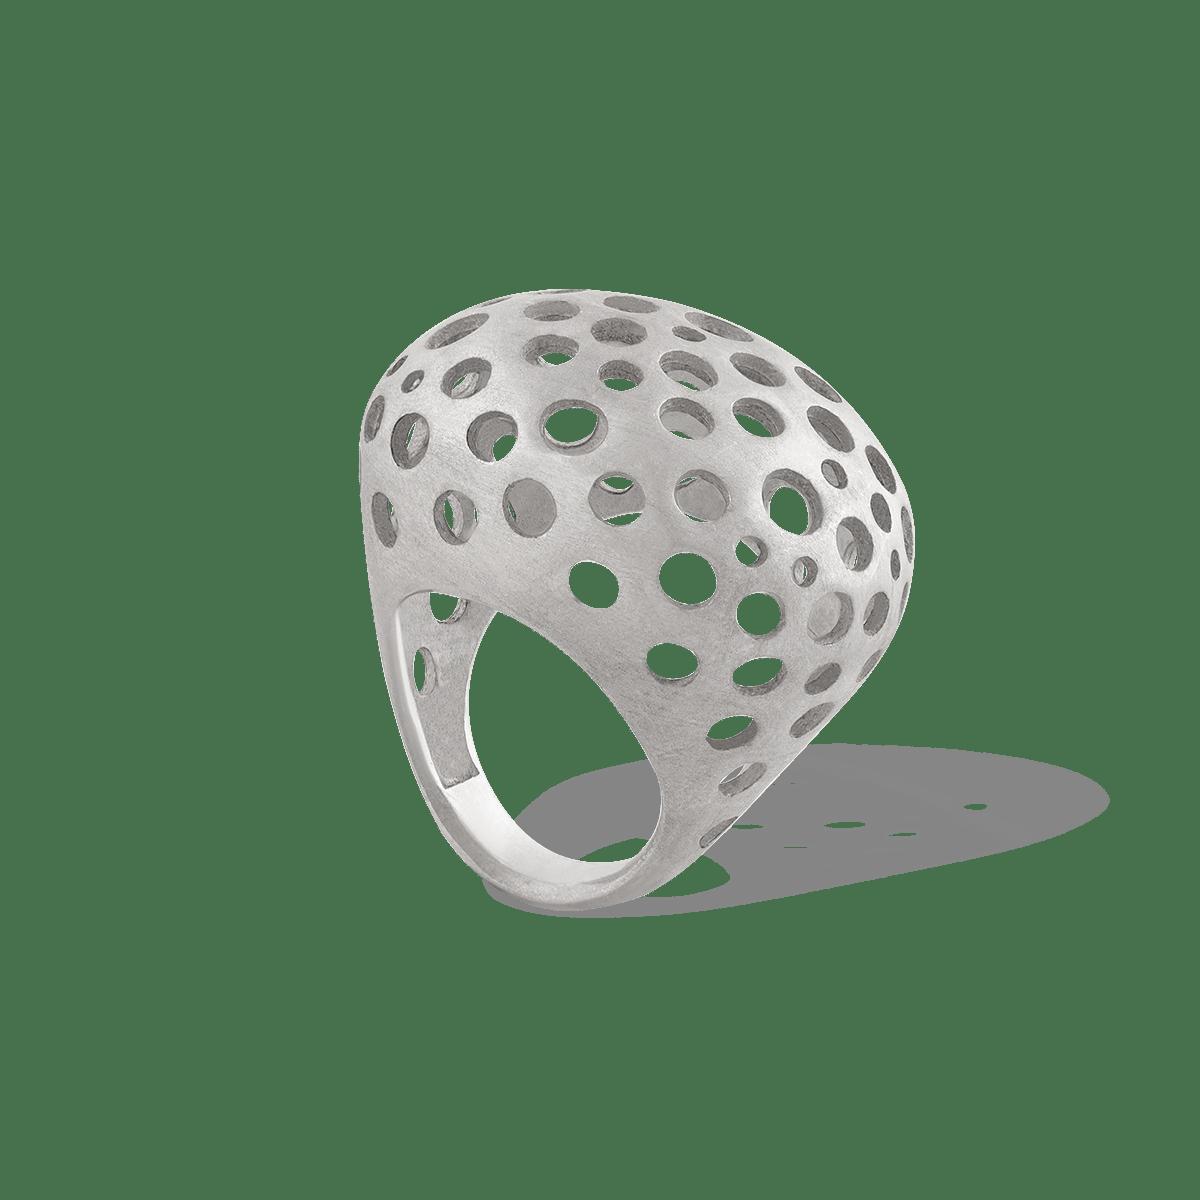 انگشتر نقره اسپیس Space